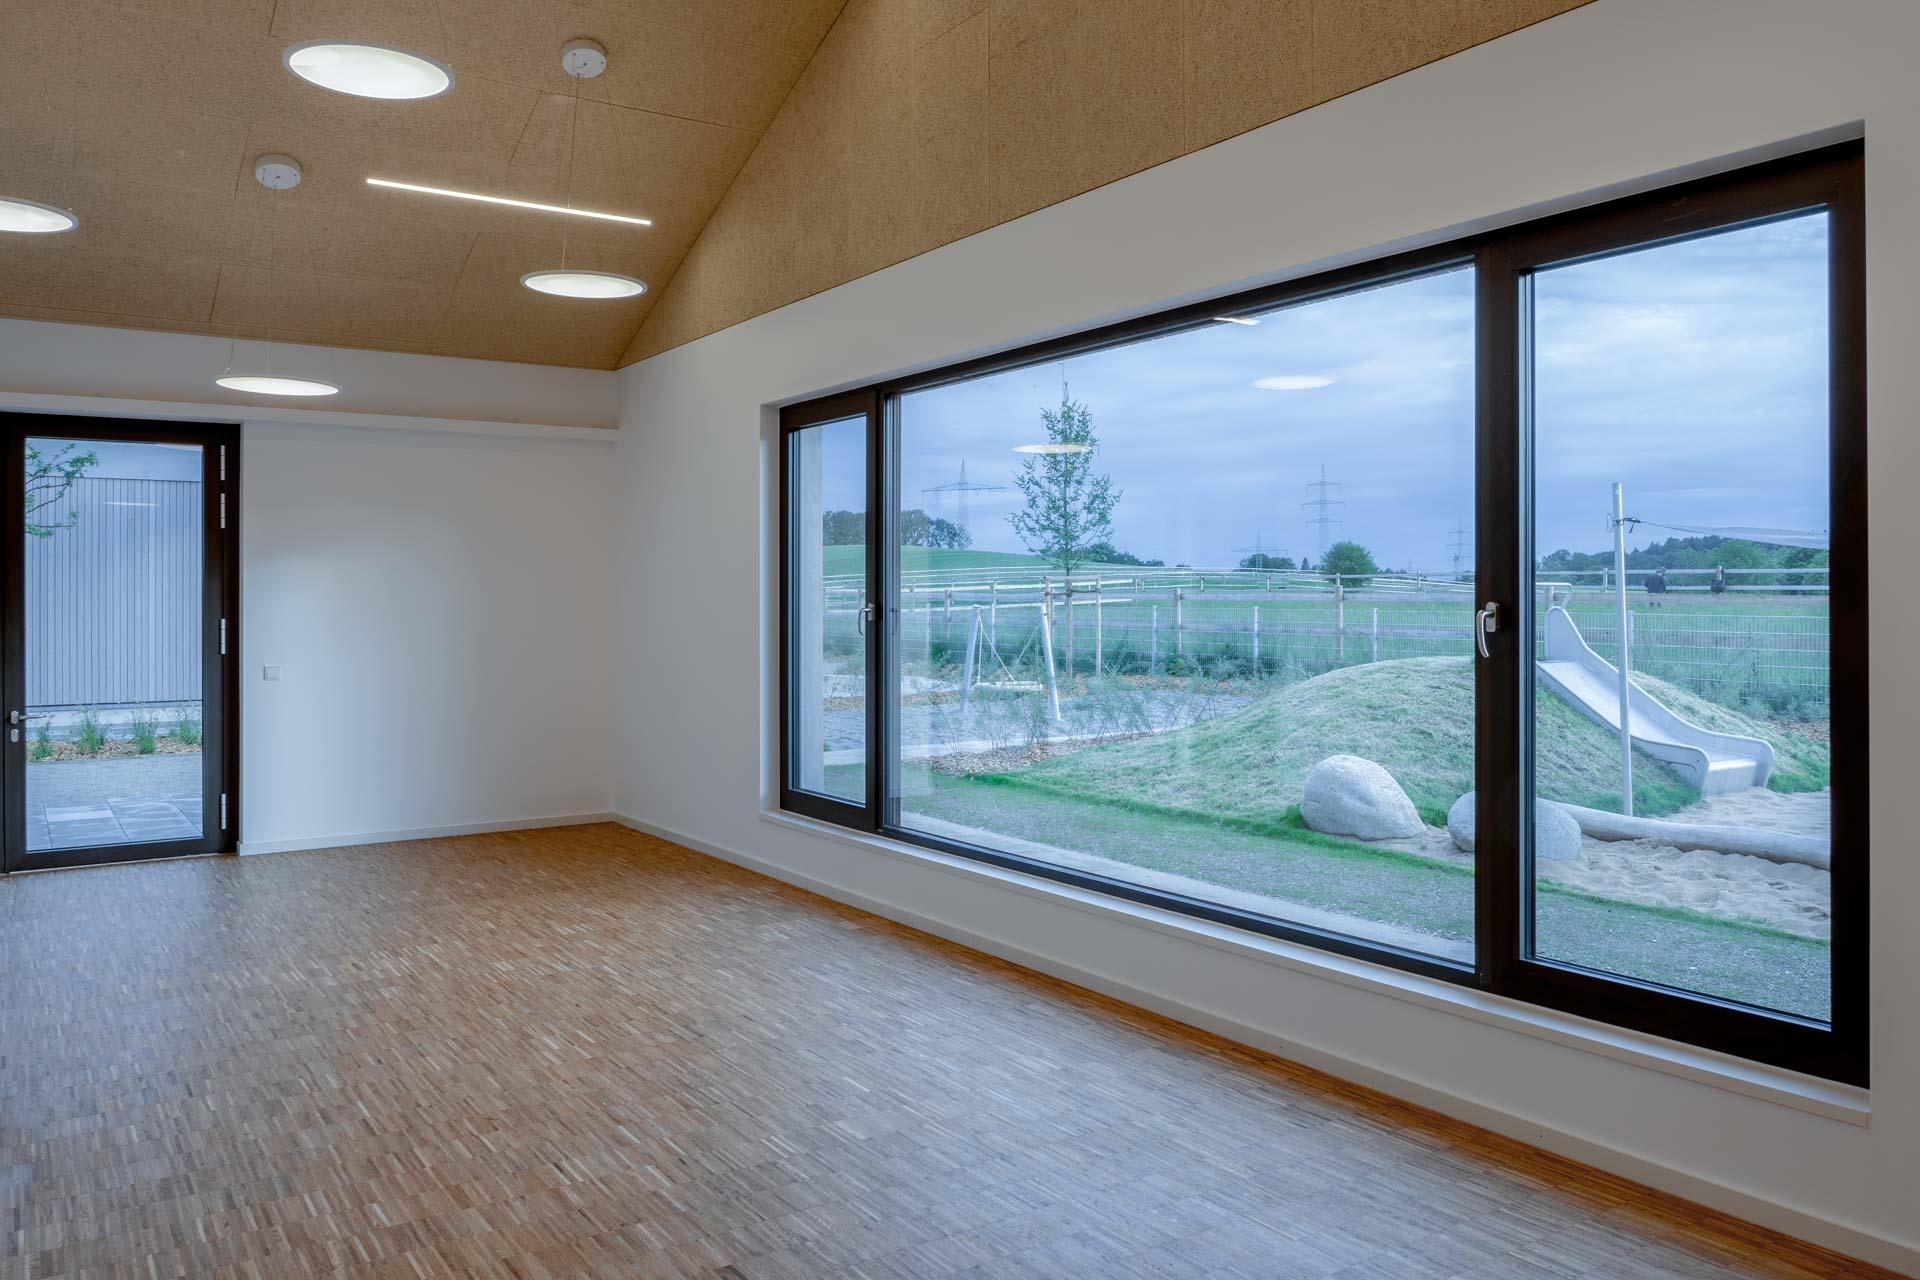 Perchting_Kinderhaus24_2k